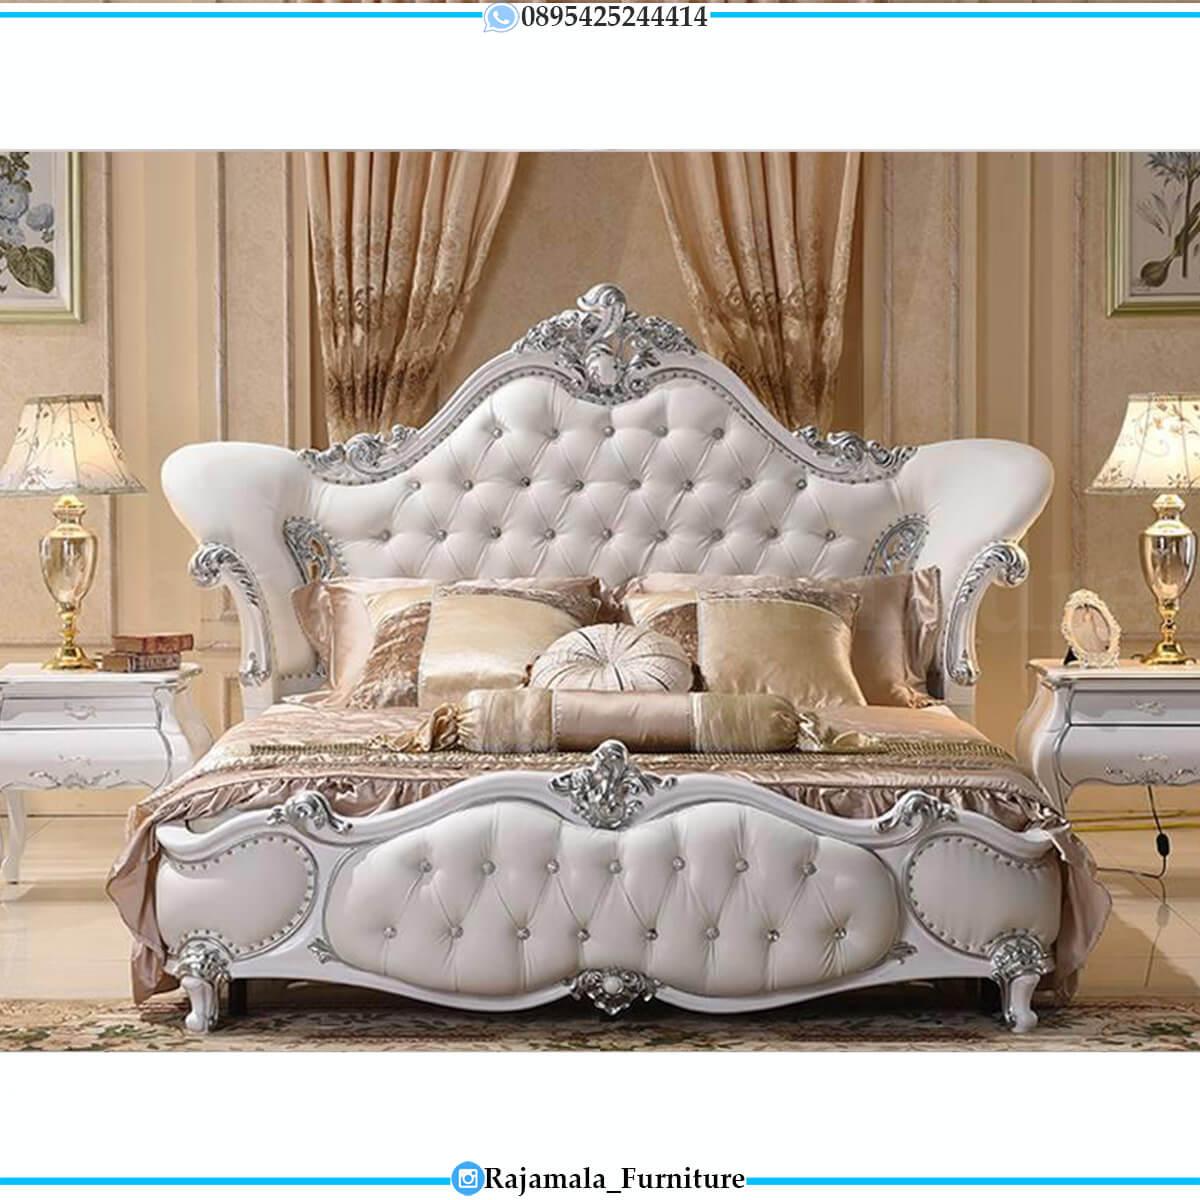 Kamar Set Mewah Terbaru Ukir Jepara Elegant Luxury Design RM-0649